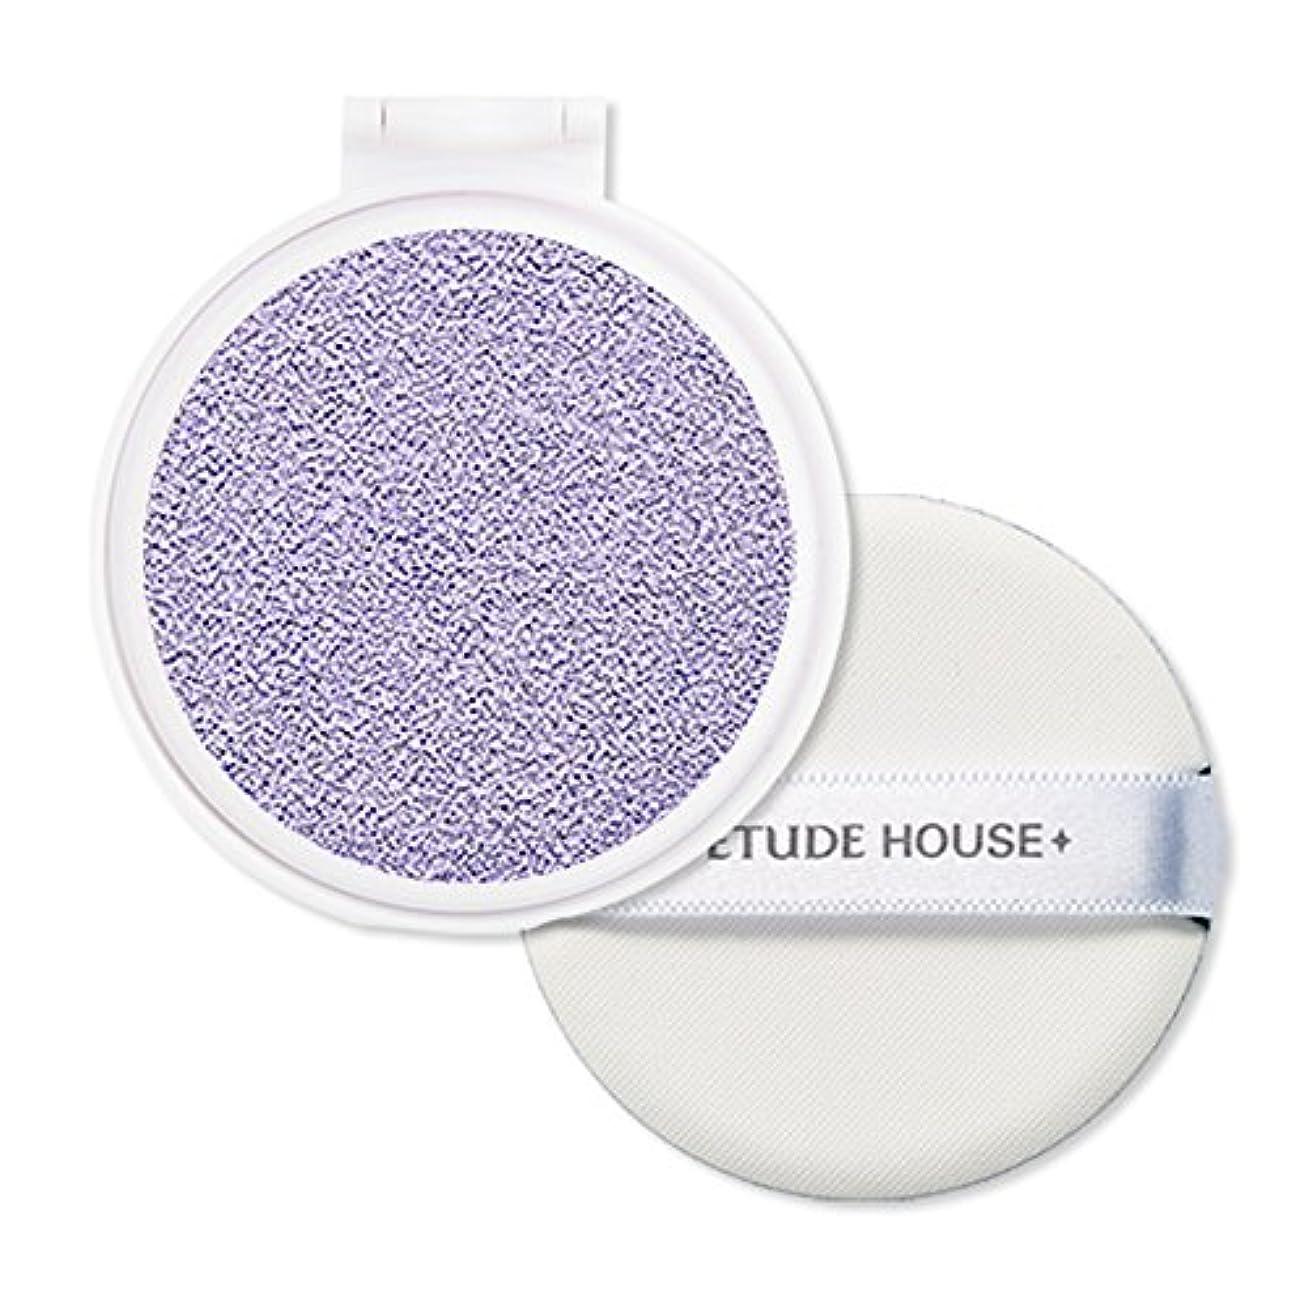 かかわらず確立筋肉のエチュードハウス(ETUDE HOUSE) エニークッション カラーコレクター レフィル Lavender